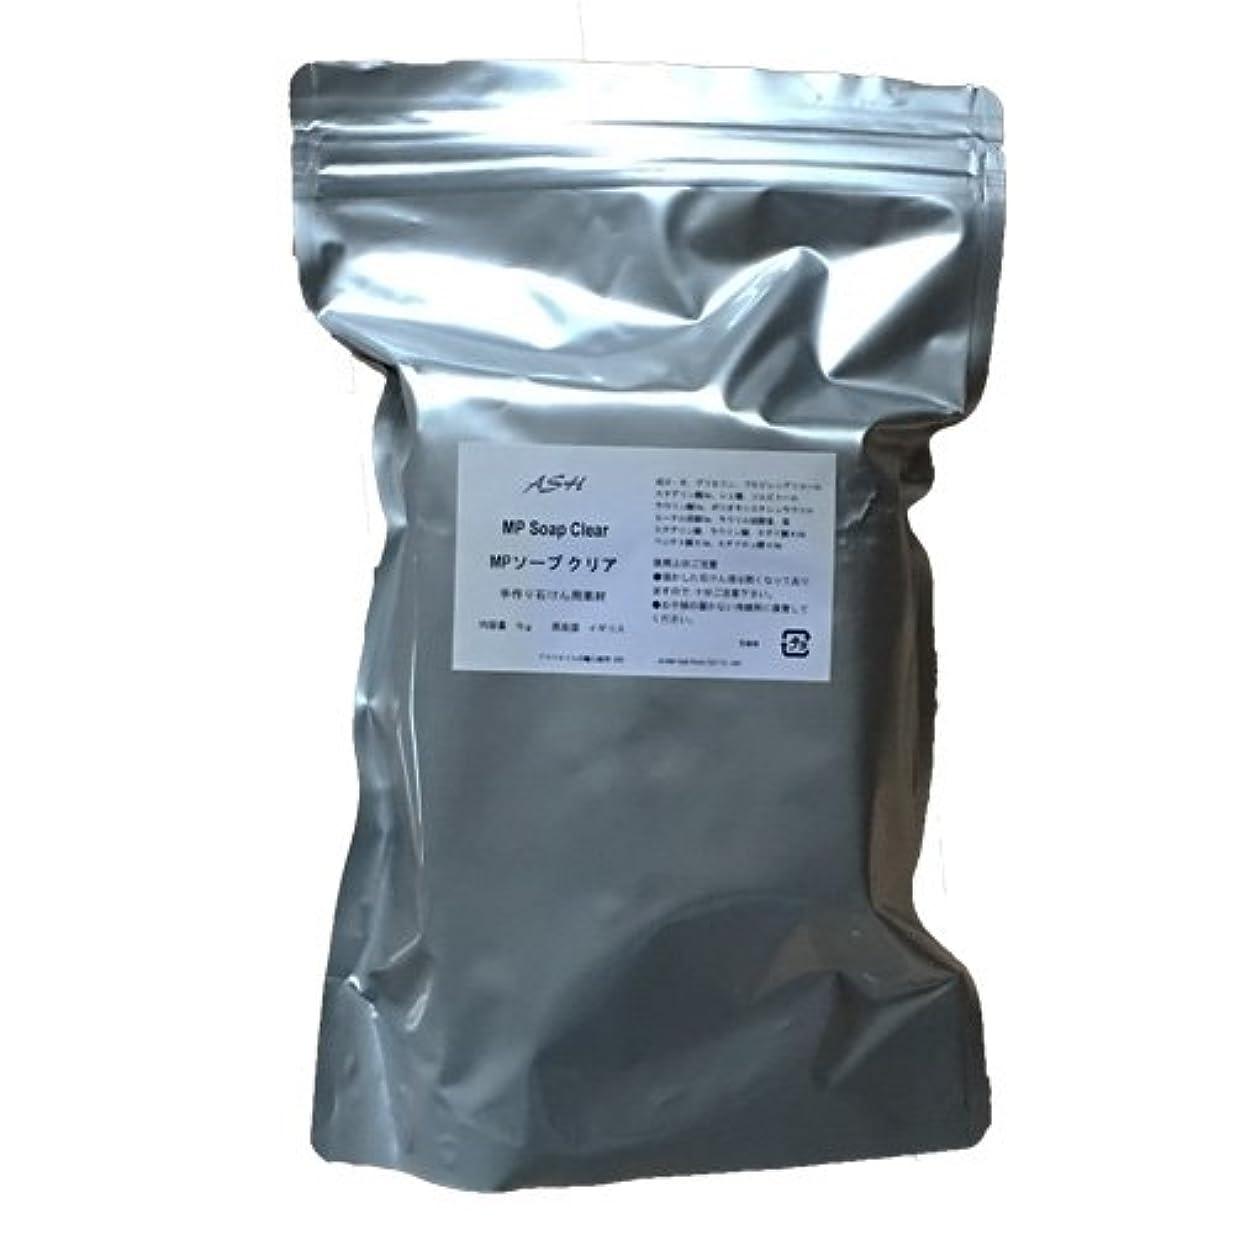 仲間、同僚植生見捨てられたMPソープ クリア 手作り石けん用素材 1kg